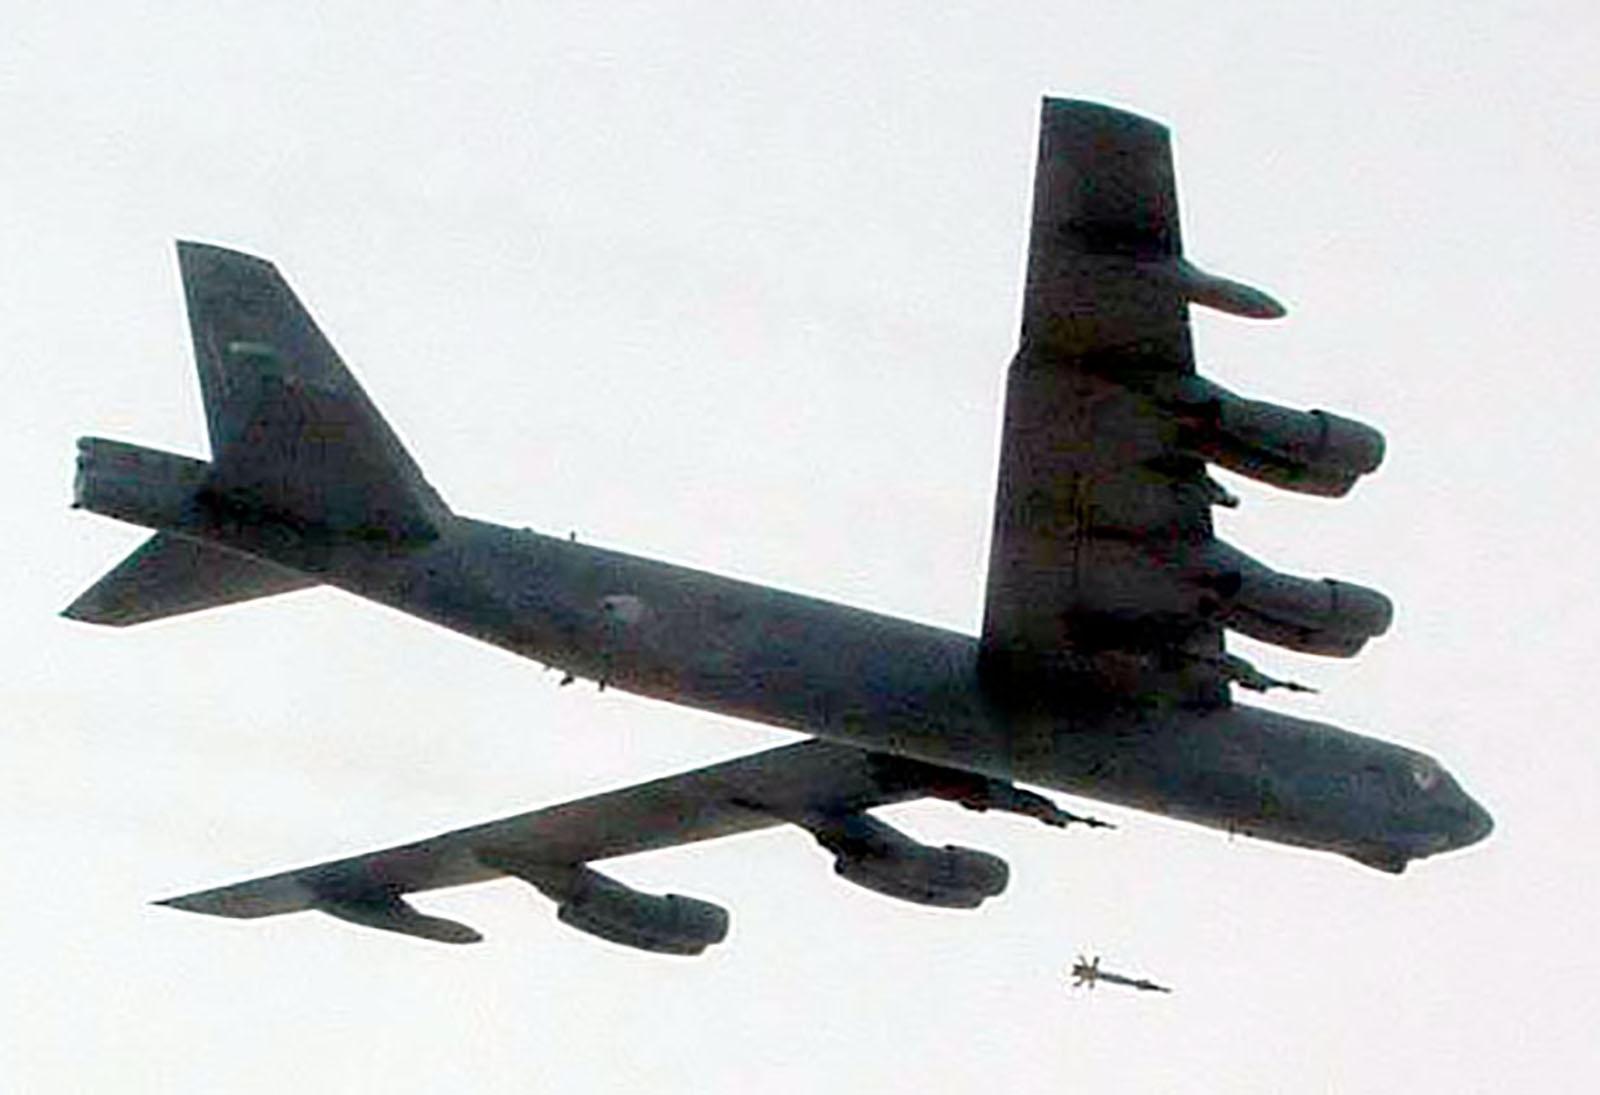 http://www.cybermodeler.com/aircraft/b-52/images/030408-f-0000c-002.jpg